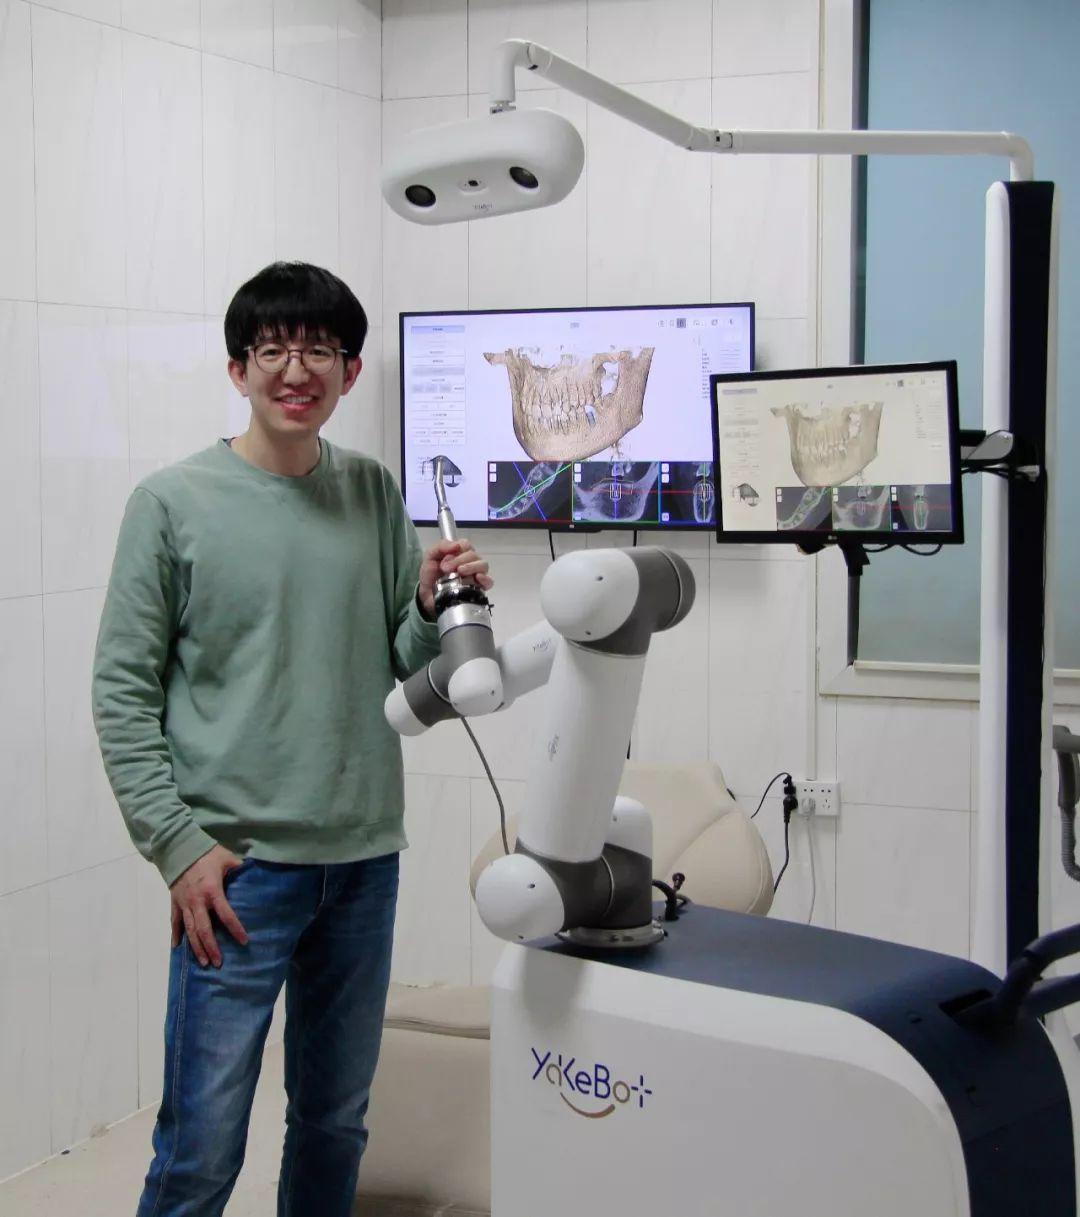 雅客智慧:开创口腔种植机器人智能时代